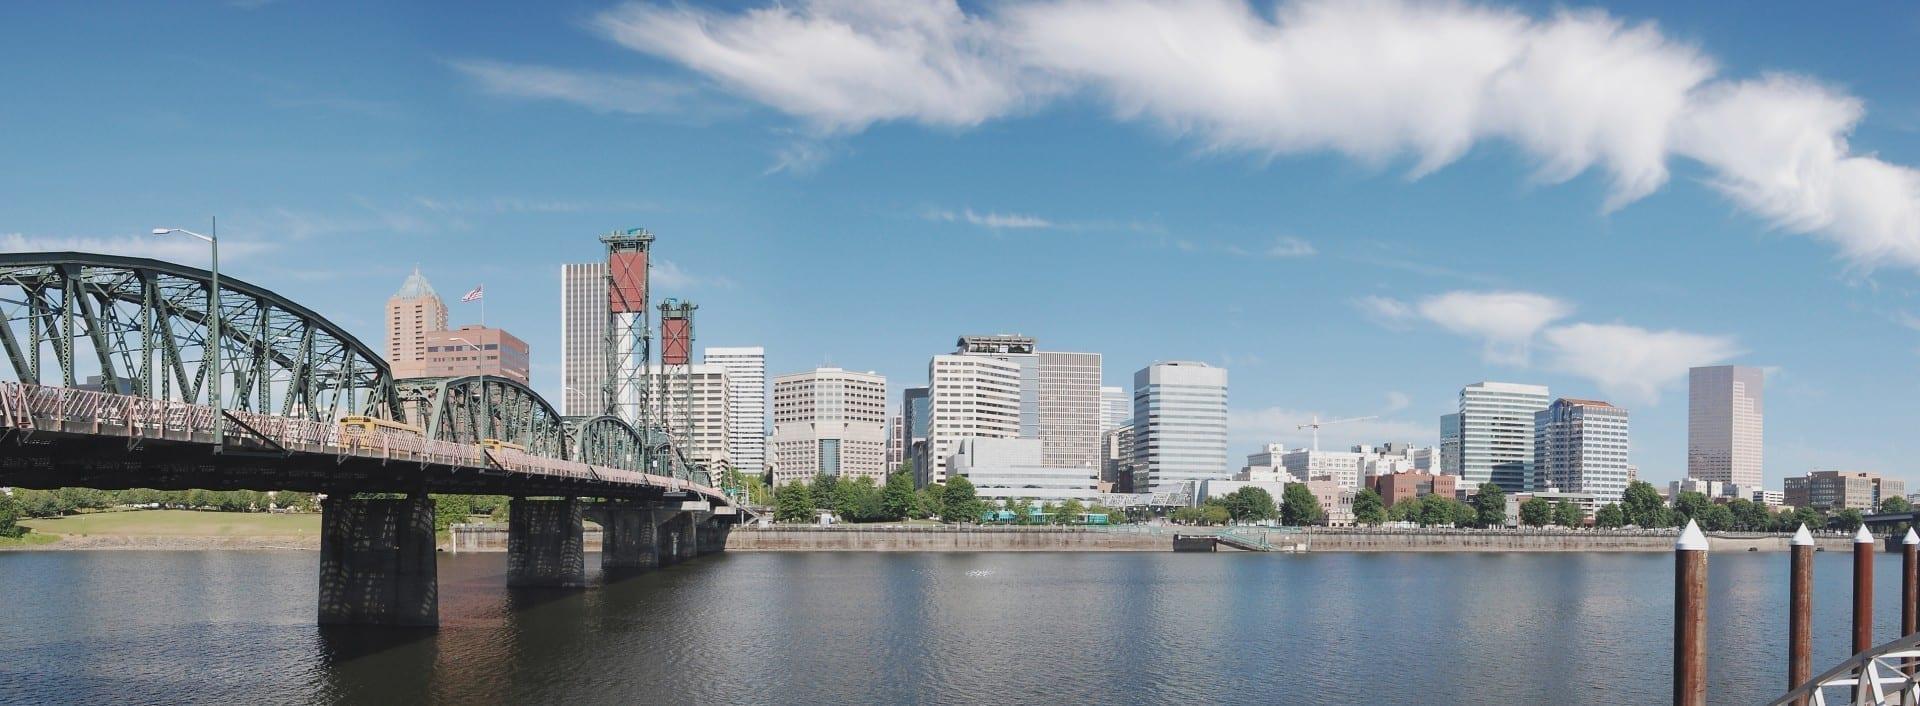 El río Willamette pasa por el centro de Portland Portland OR Estados Unidos